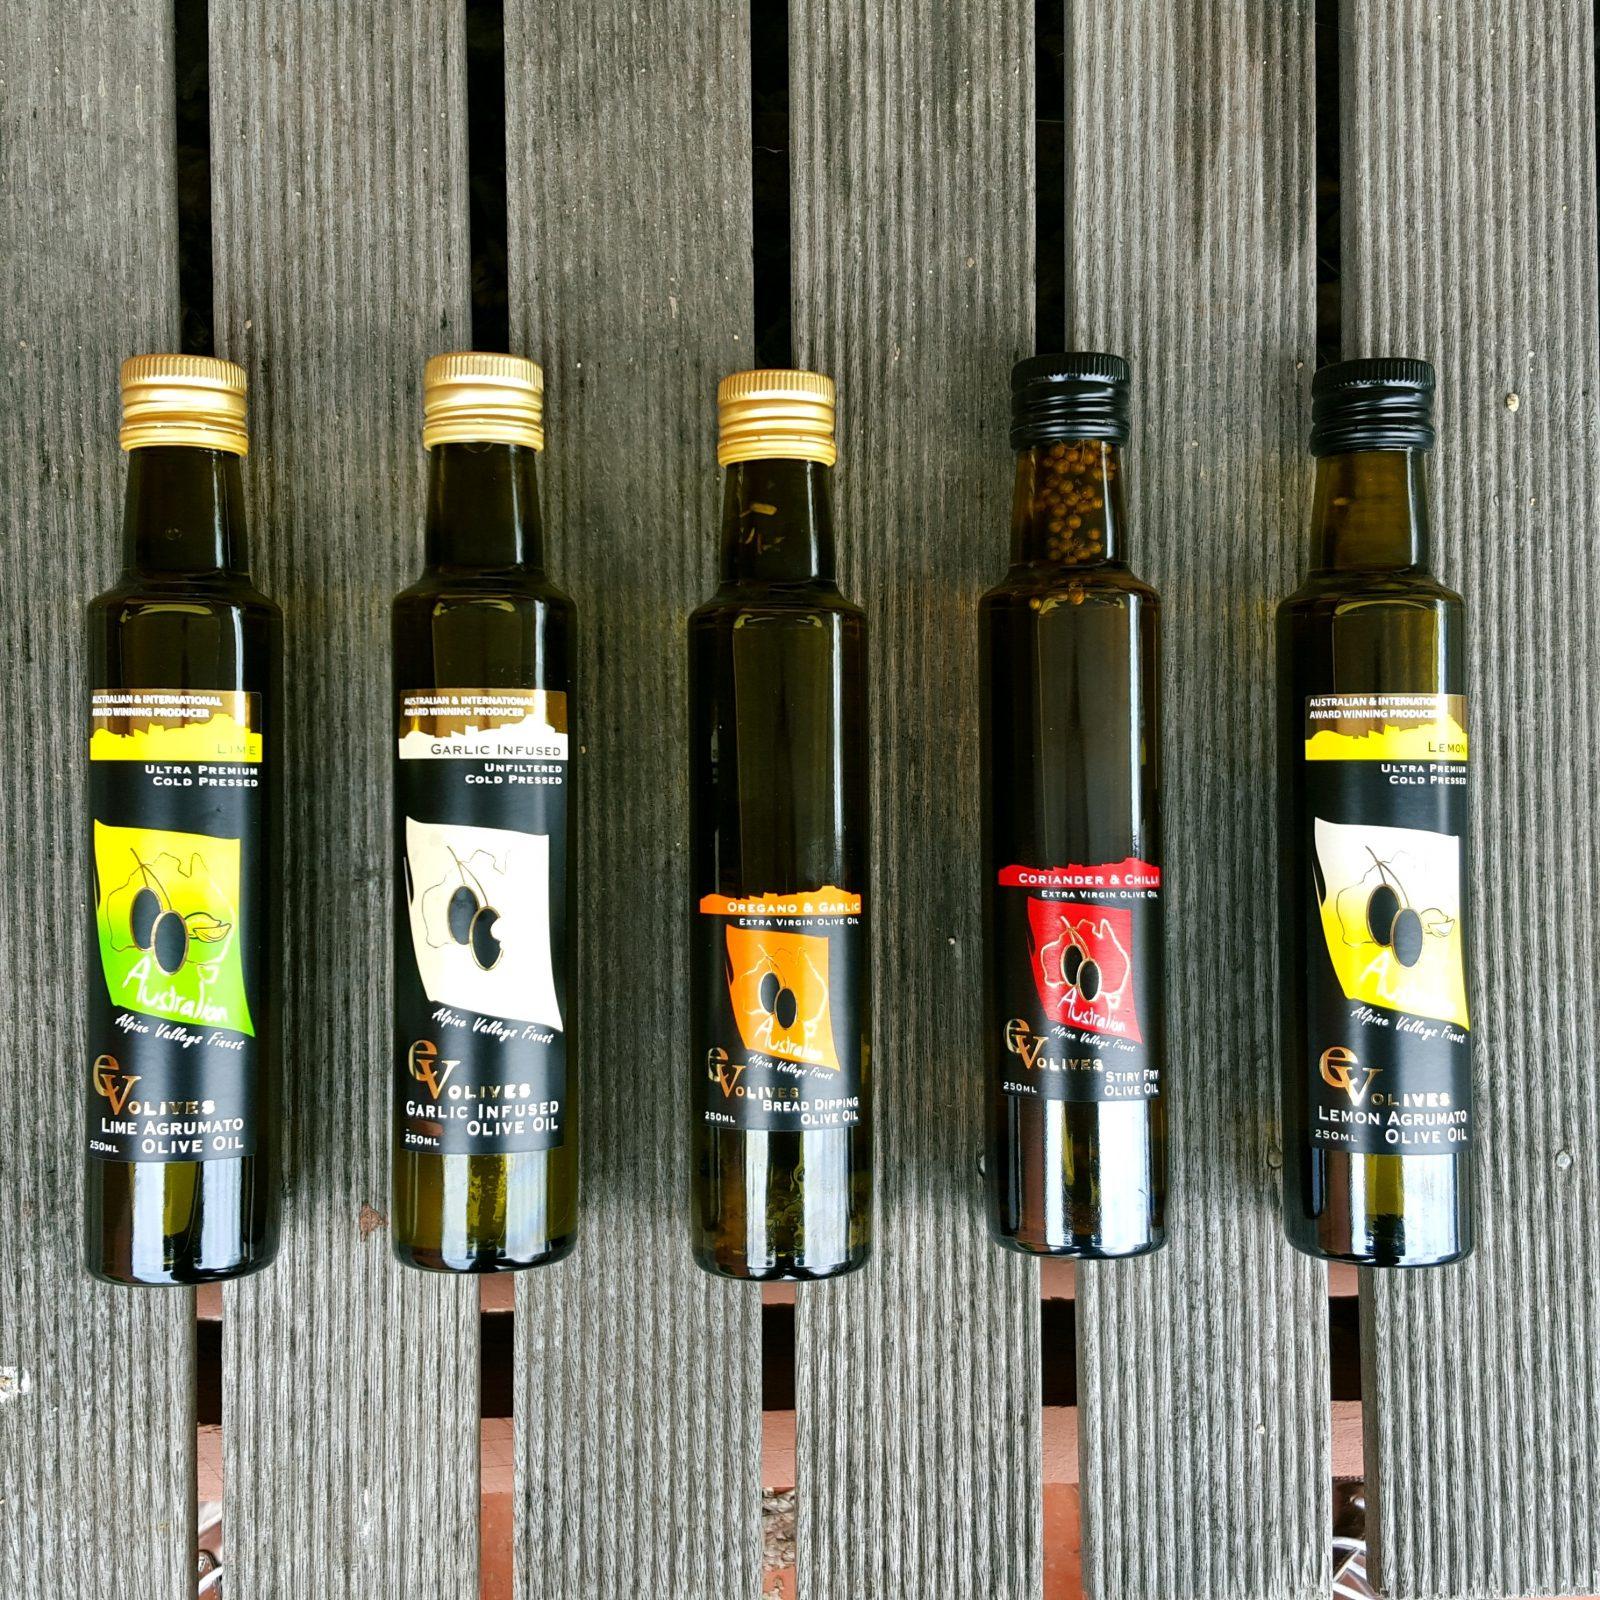 EV Olives oil range